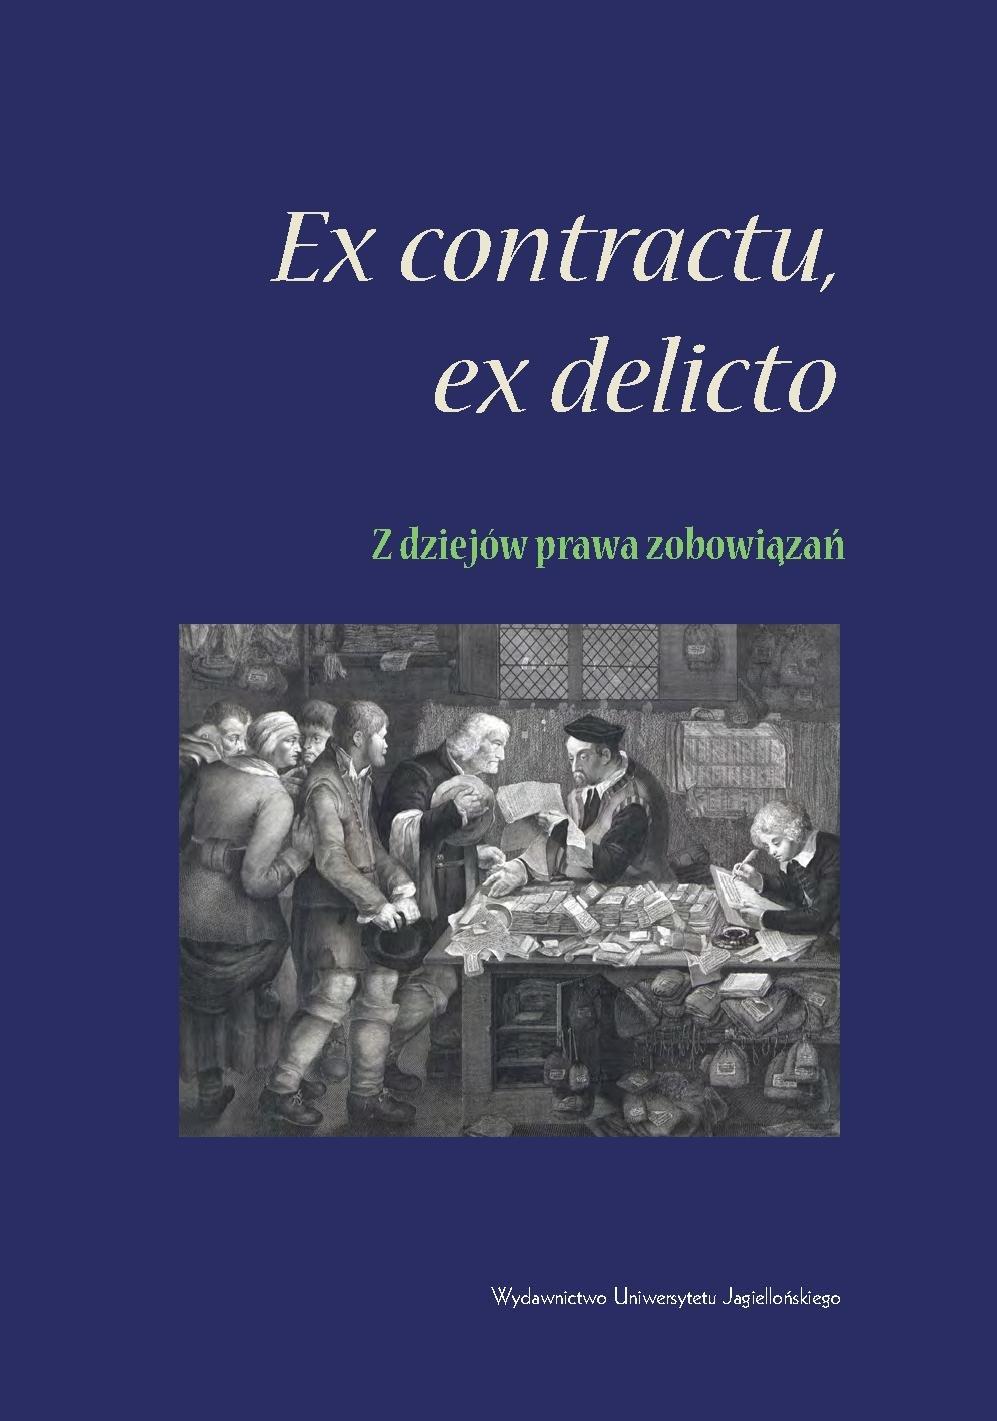 Ex contractu, ex delicto – z dziejów prawa zobowiązań - Ebook (Książka PDF) do pobrania w formacie PDF